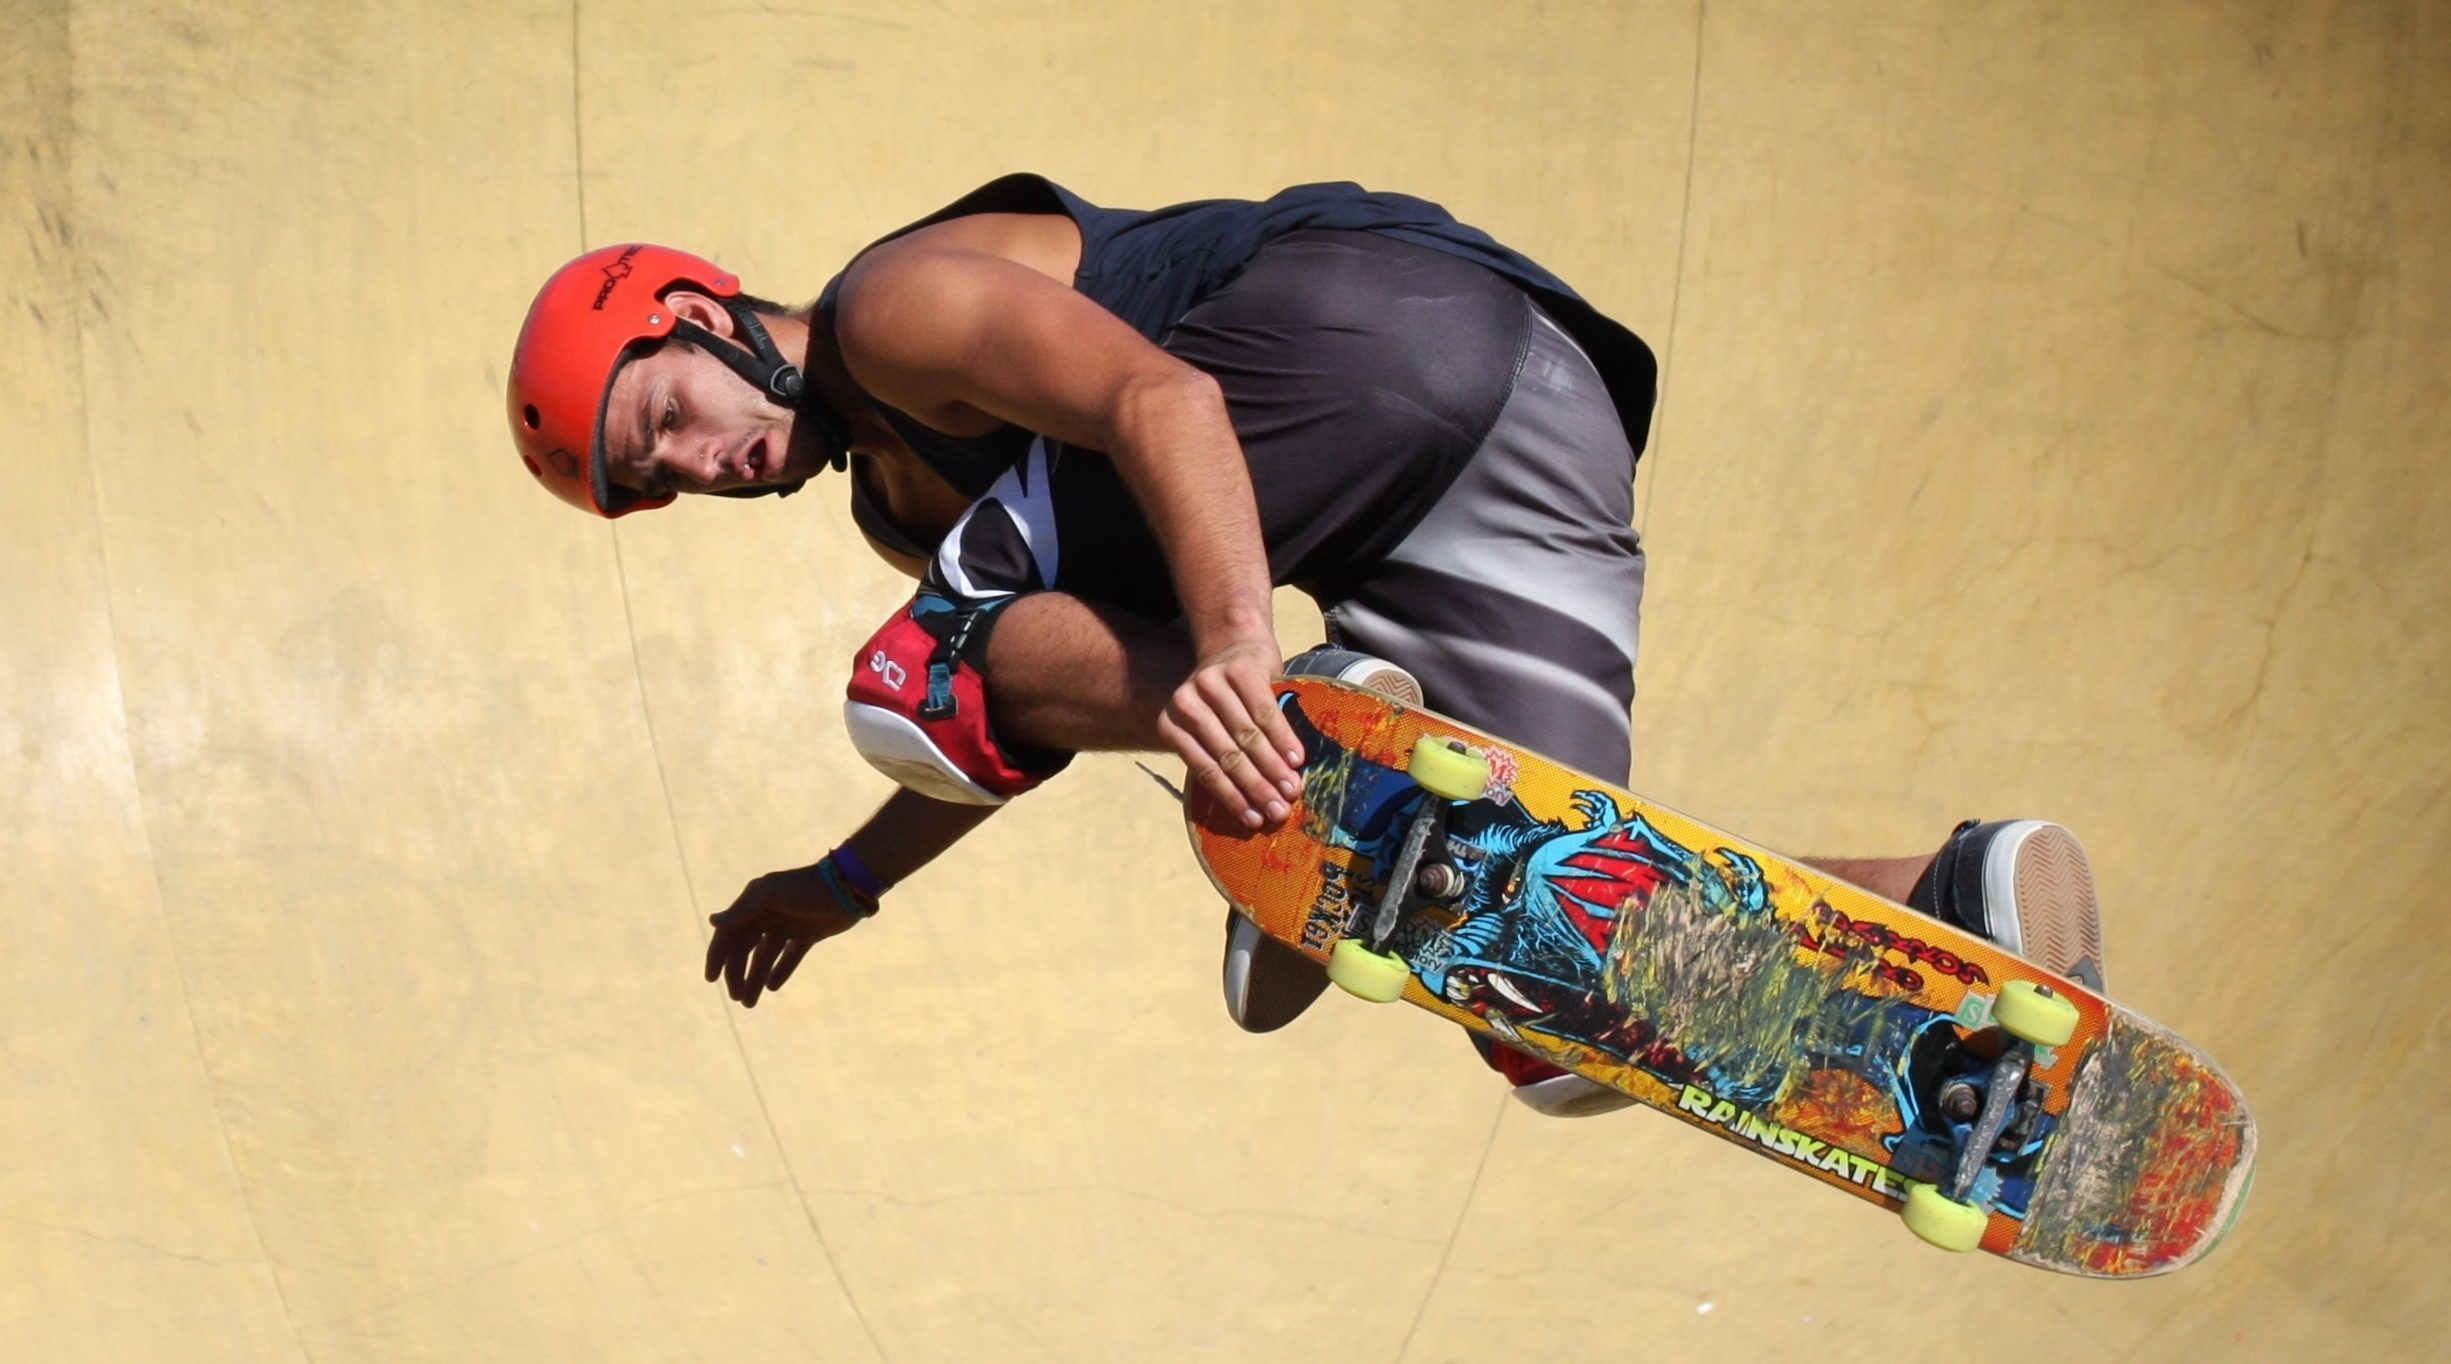 skateboard-helmet-e1465448015184-1648594